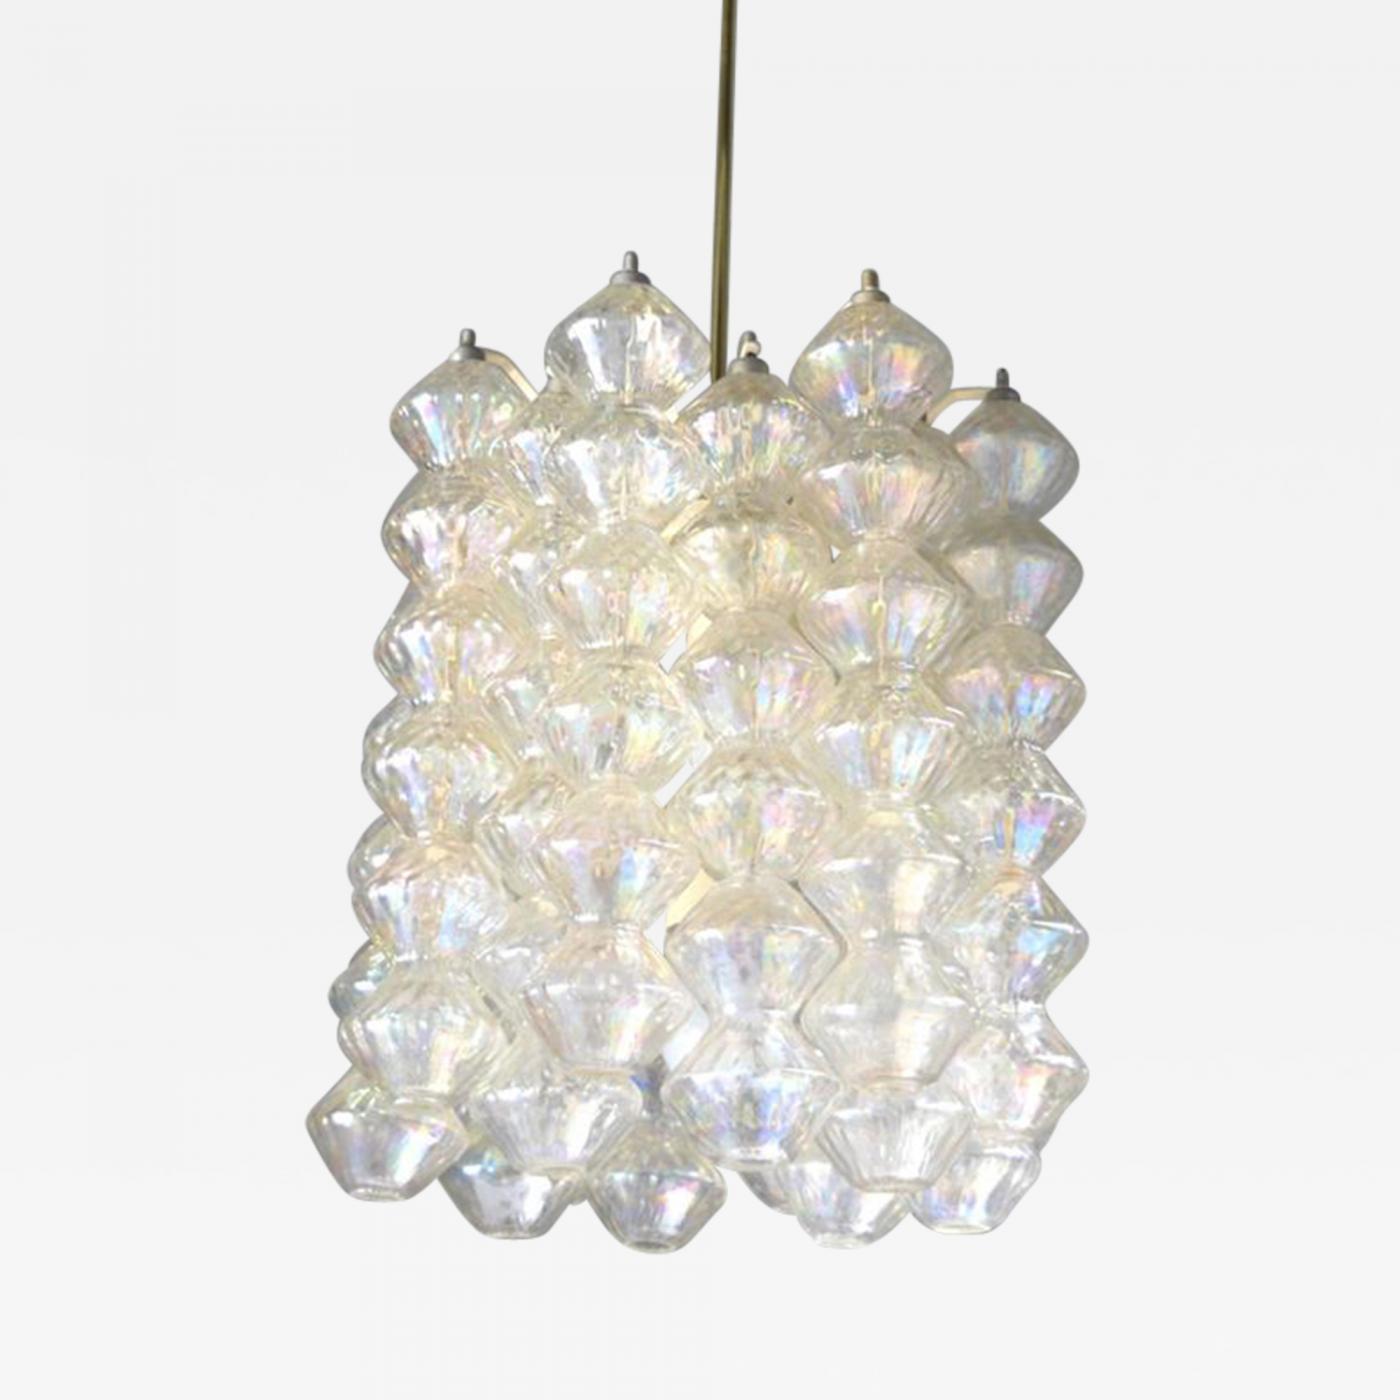 Venini venini chandelier listings furniture lighting chandeliers and pendants venini venini chandelier arubaitofo Gallery